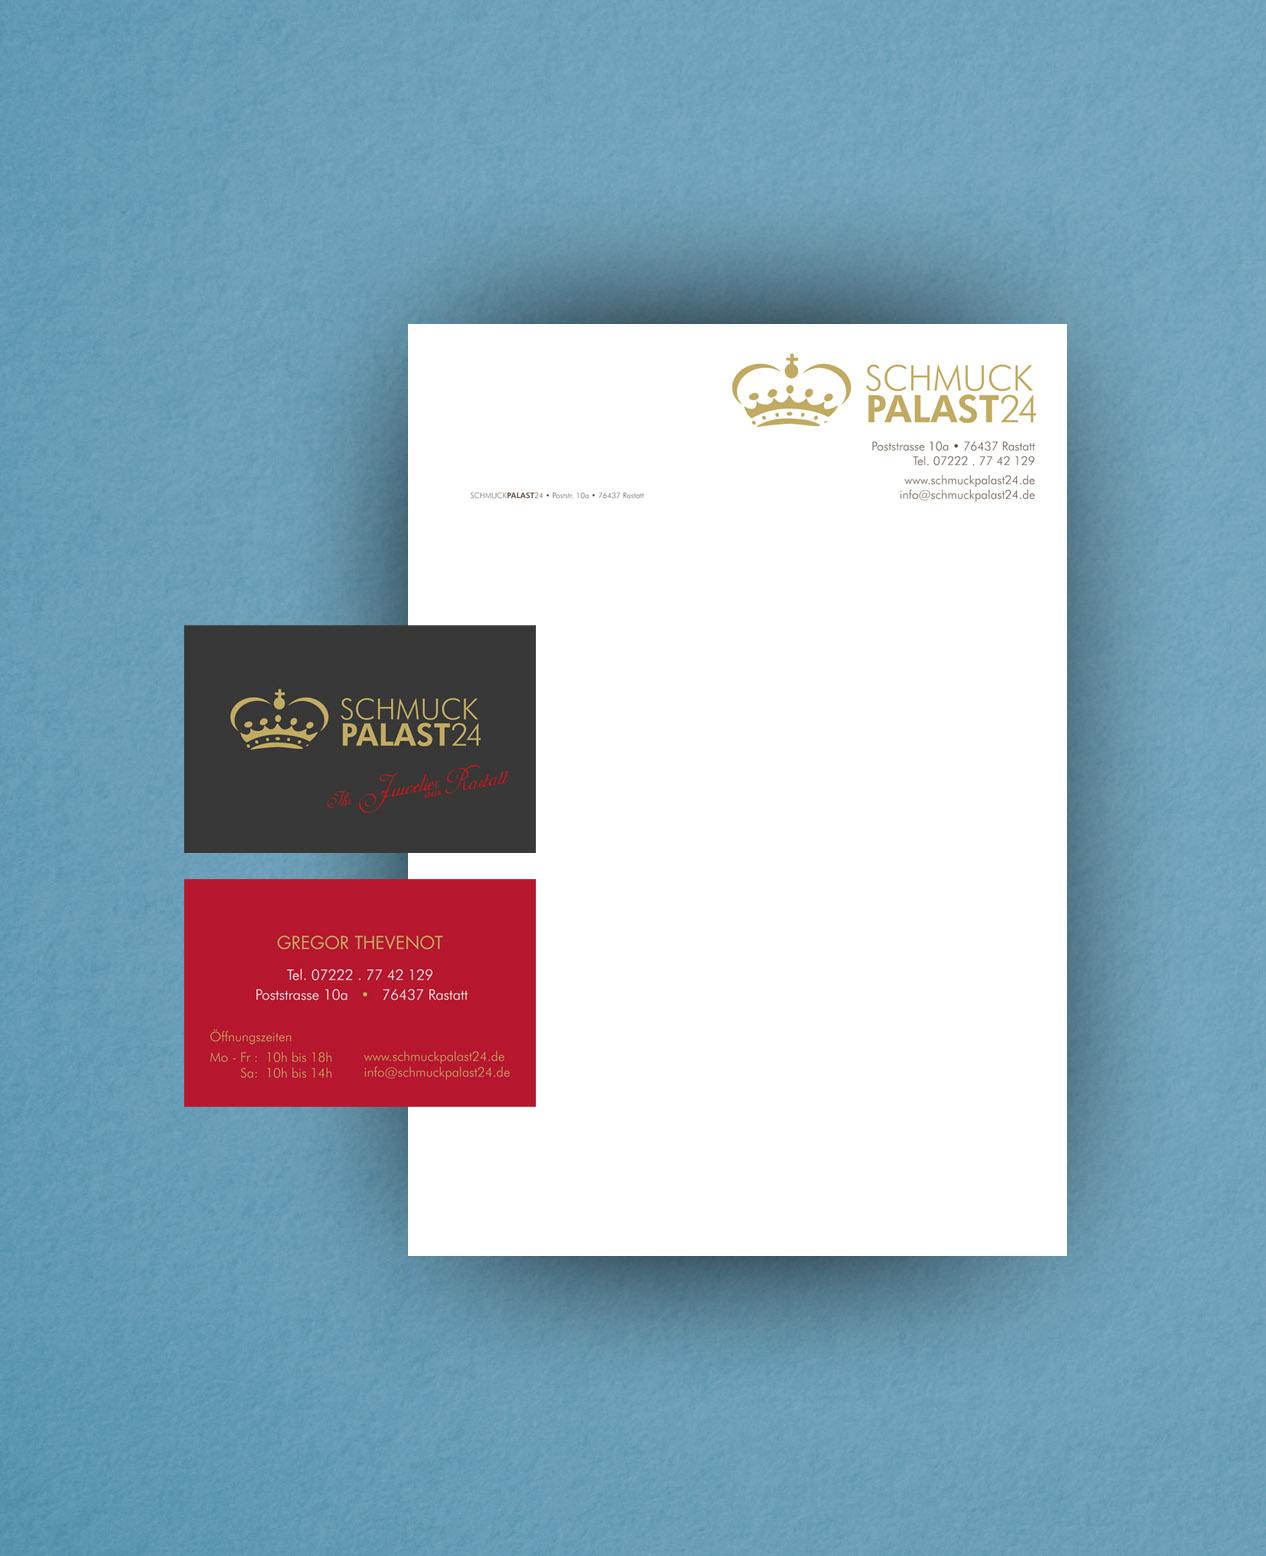 BLANA.DE - Refernenzen: Briefpapier und Visitenkarte